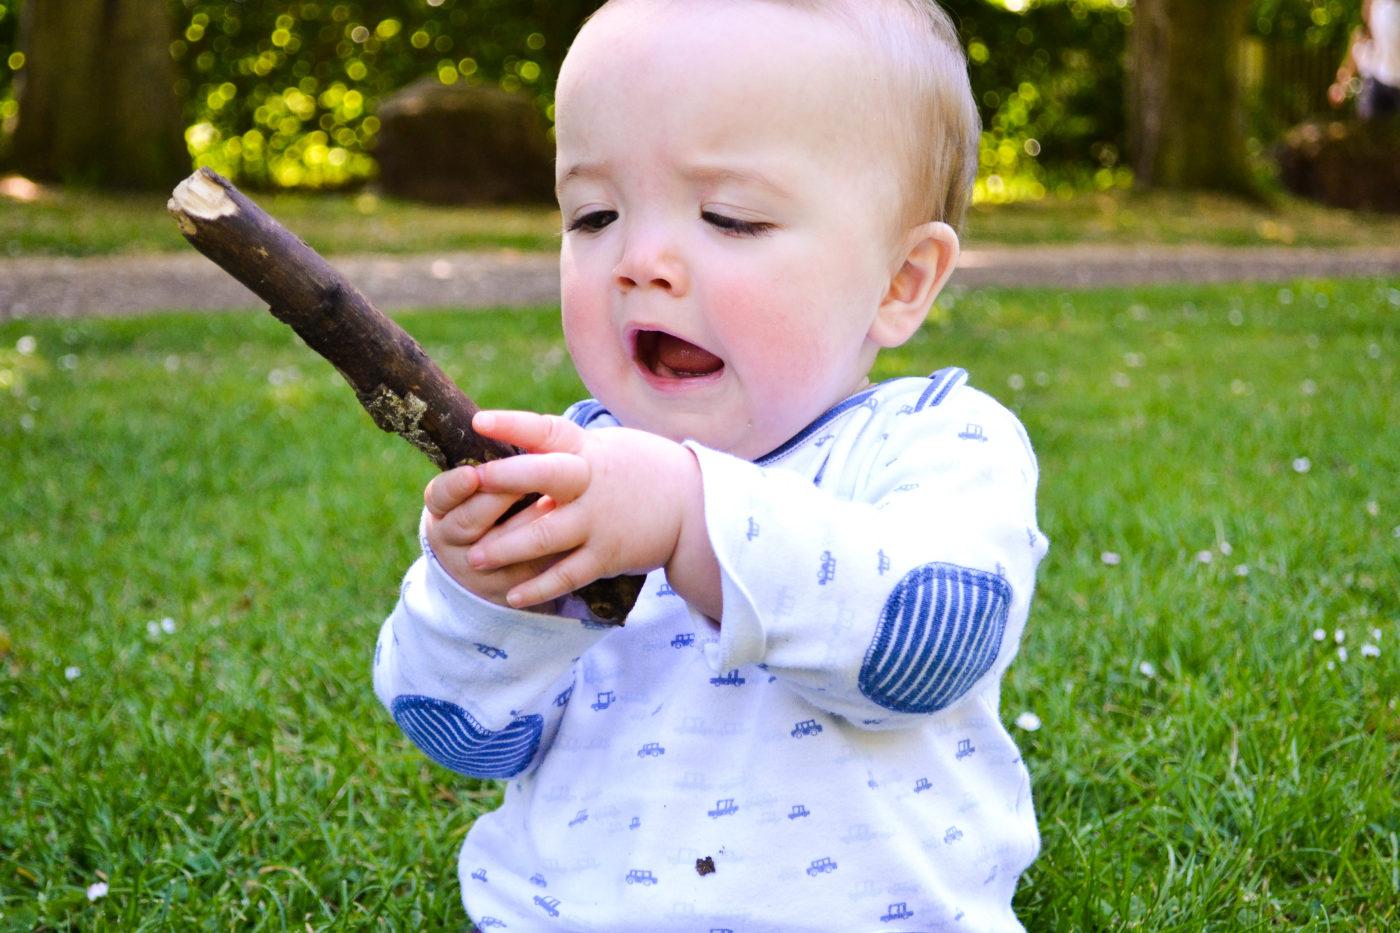 Shouting at sticks